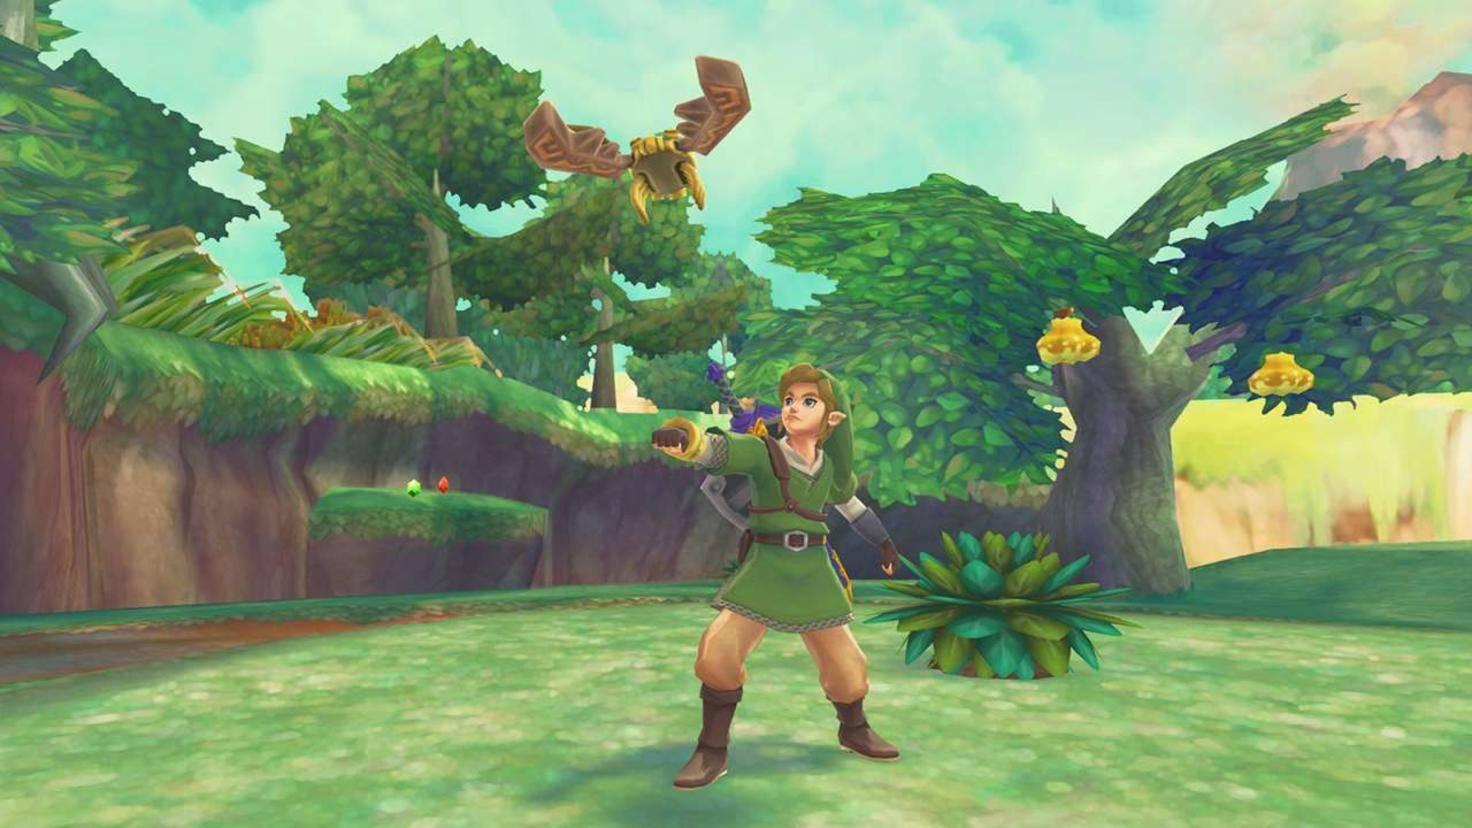 Skyward-Sword-Zelda